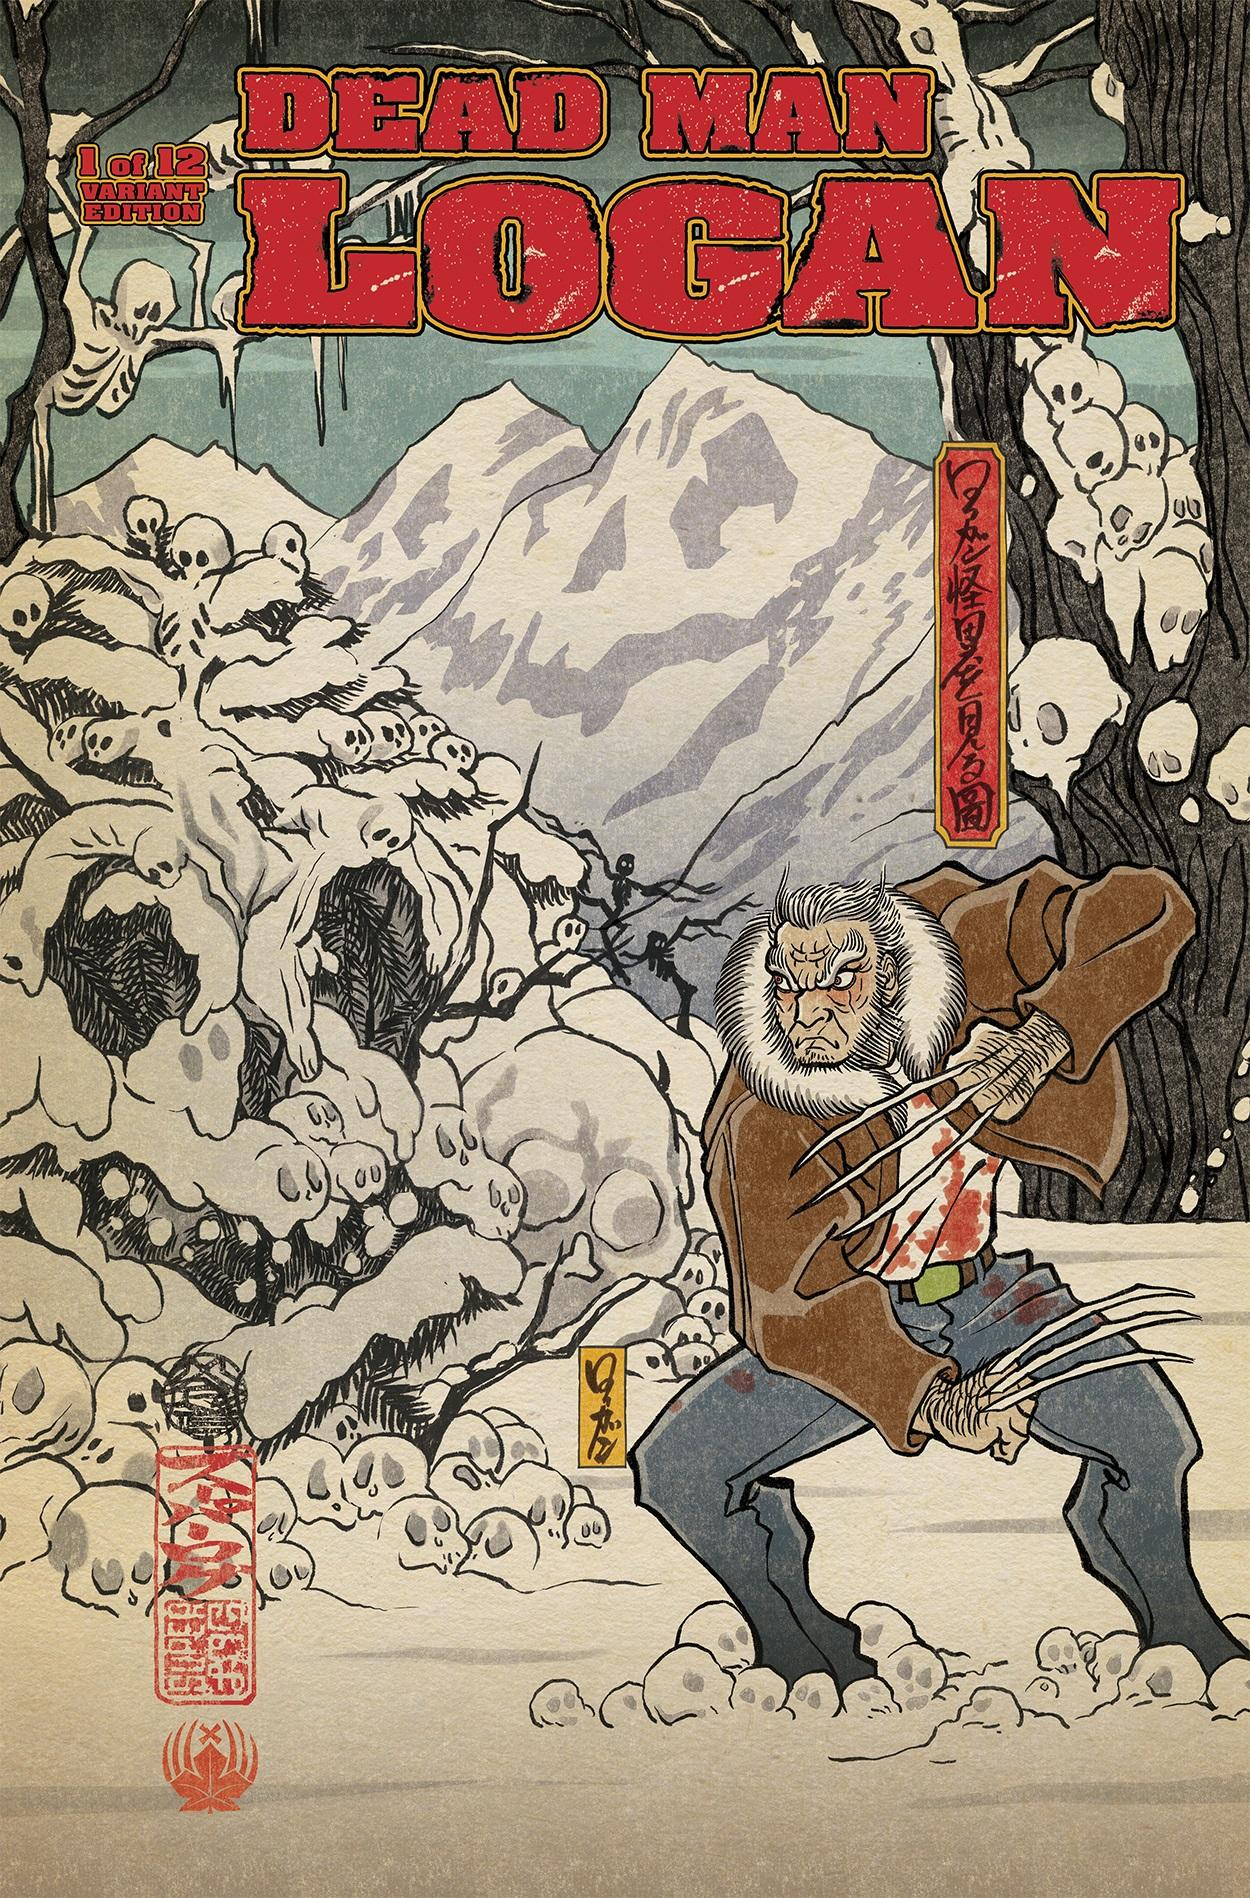 Dead Man Logan #1 Variant art by Superlog